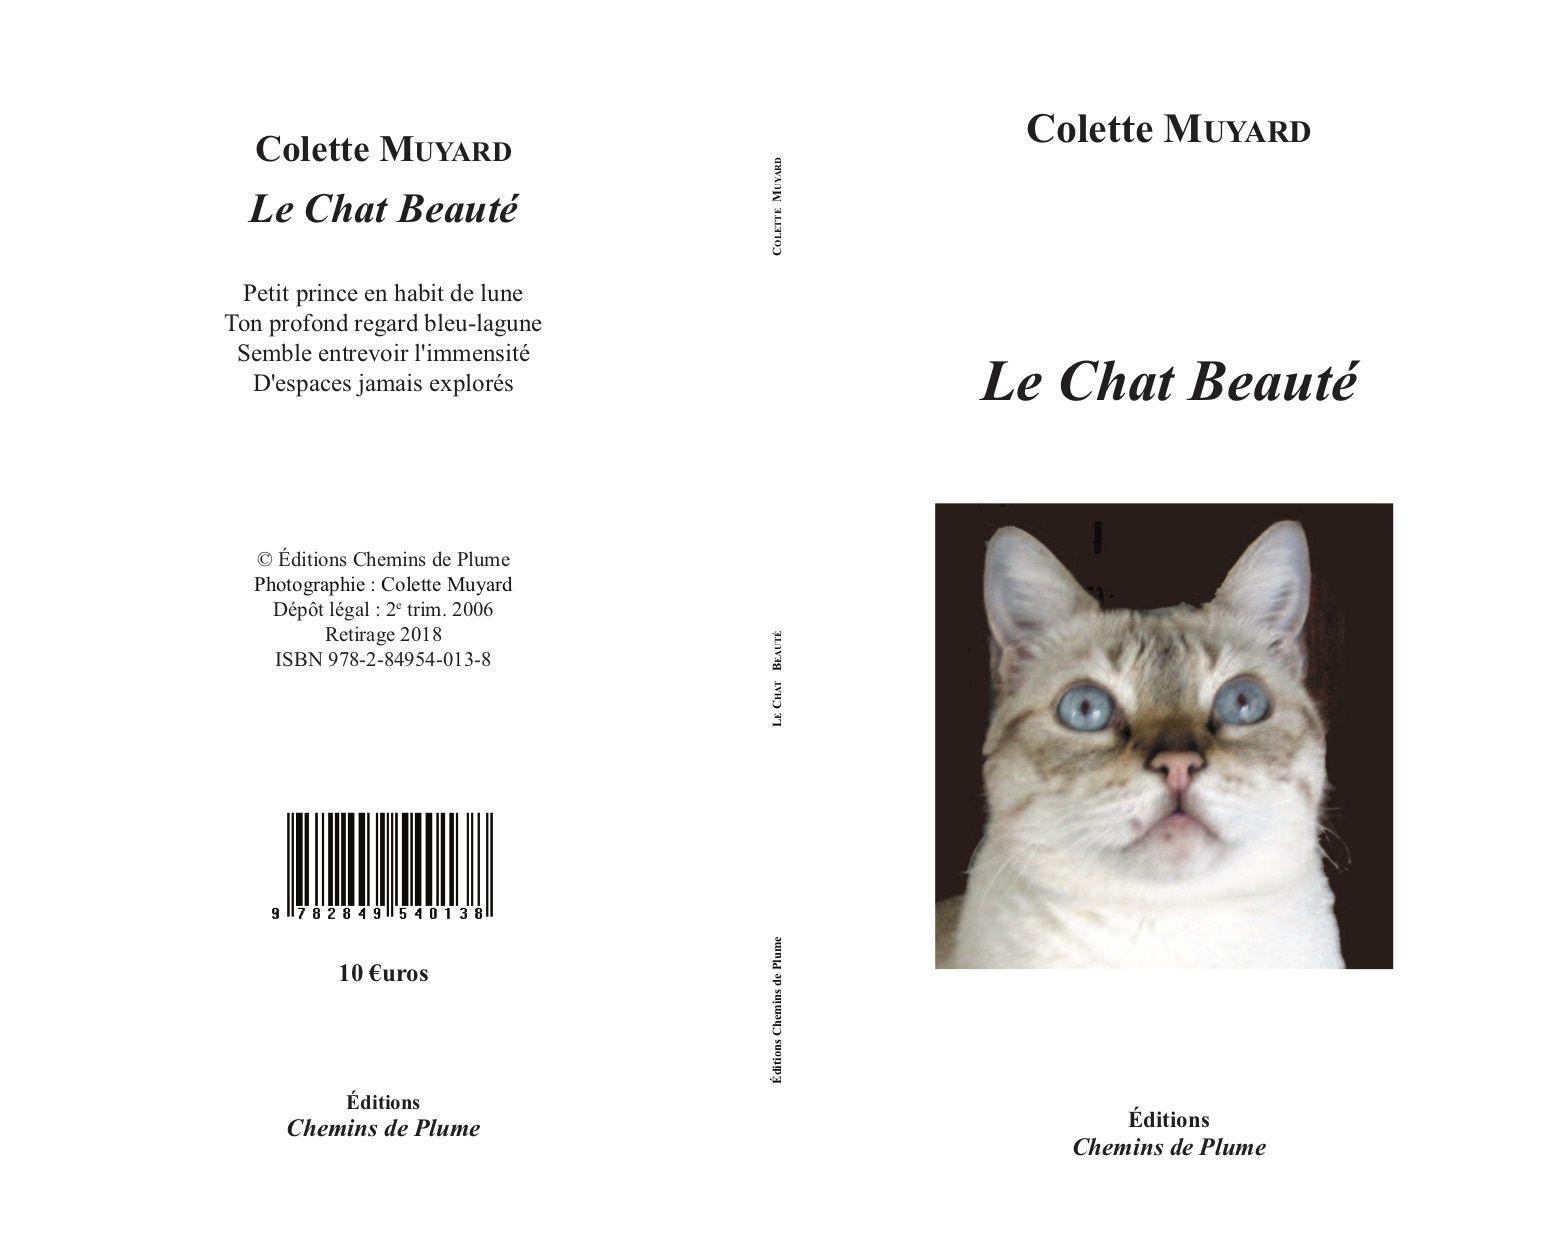 Le chat Beauté - Colette Muyard (retirage augmenté)